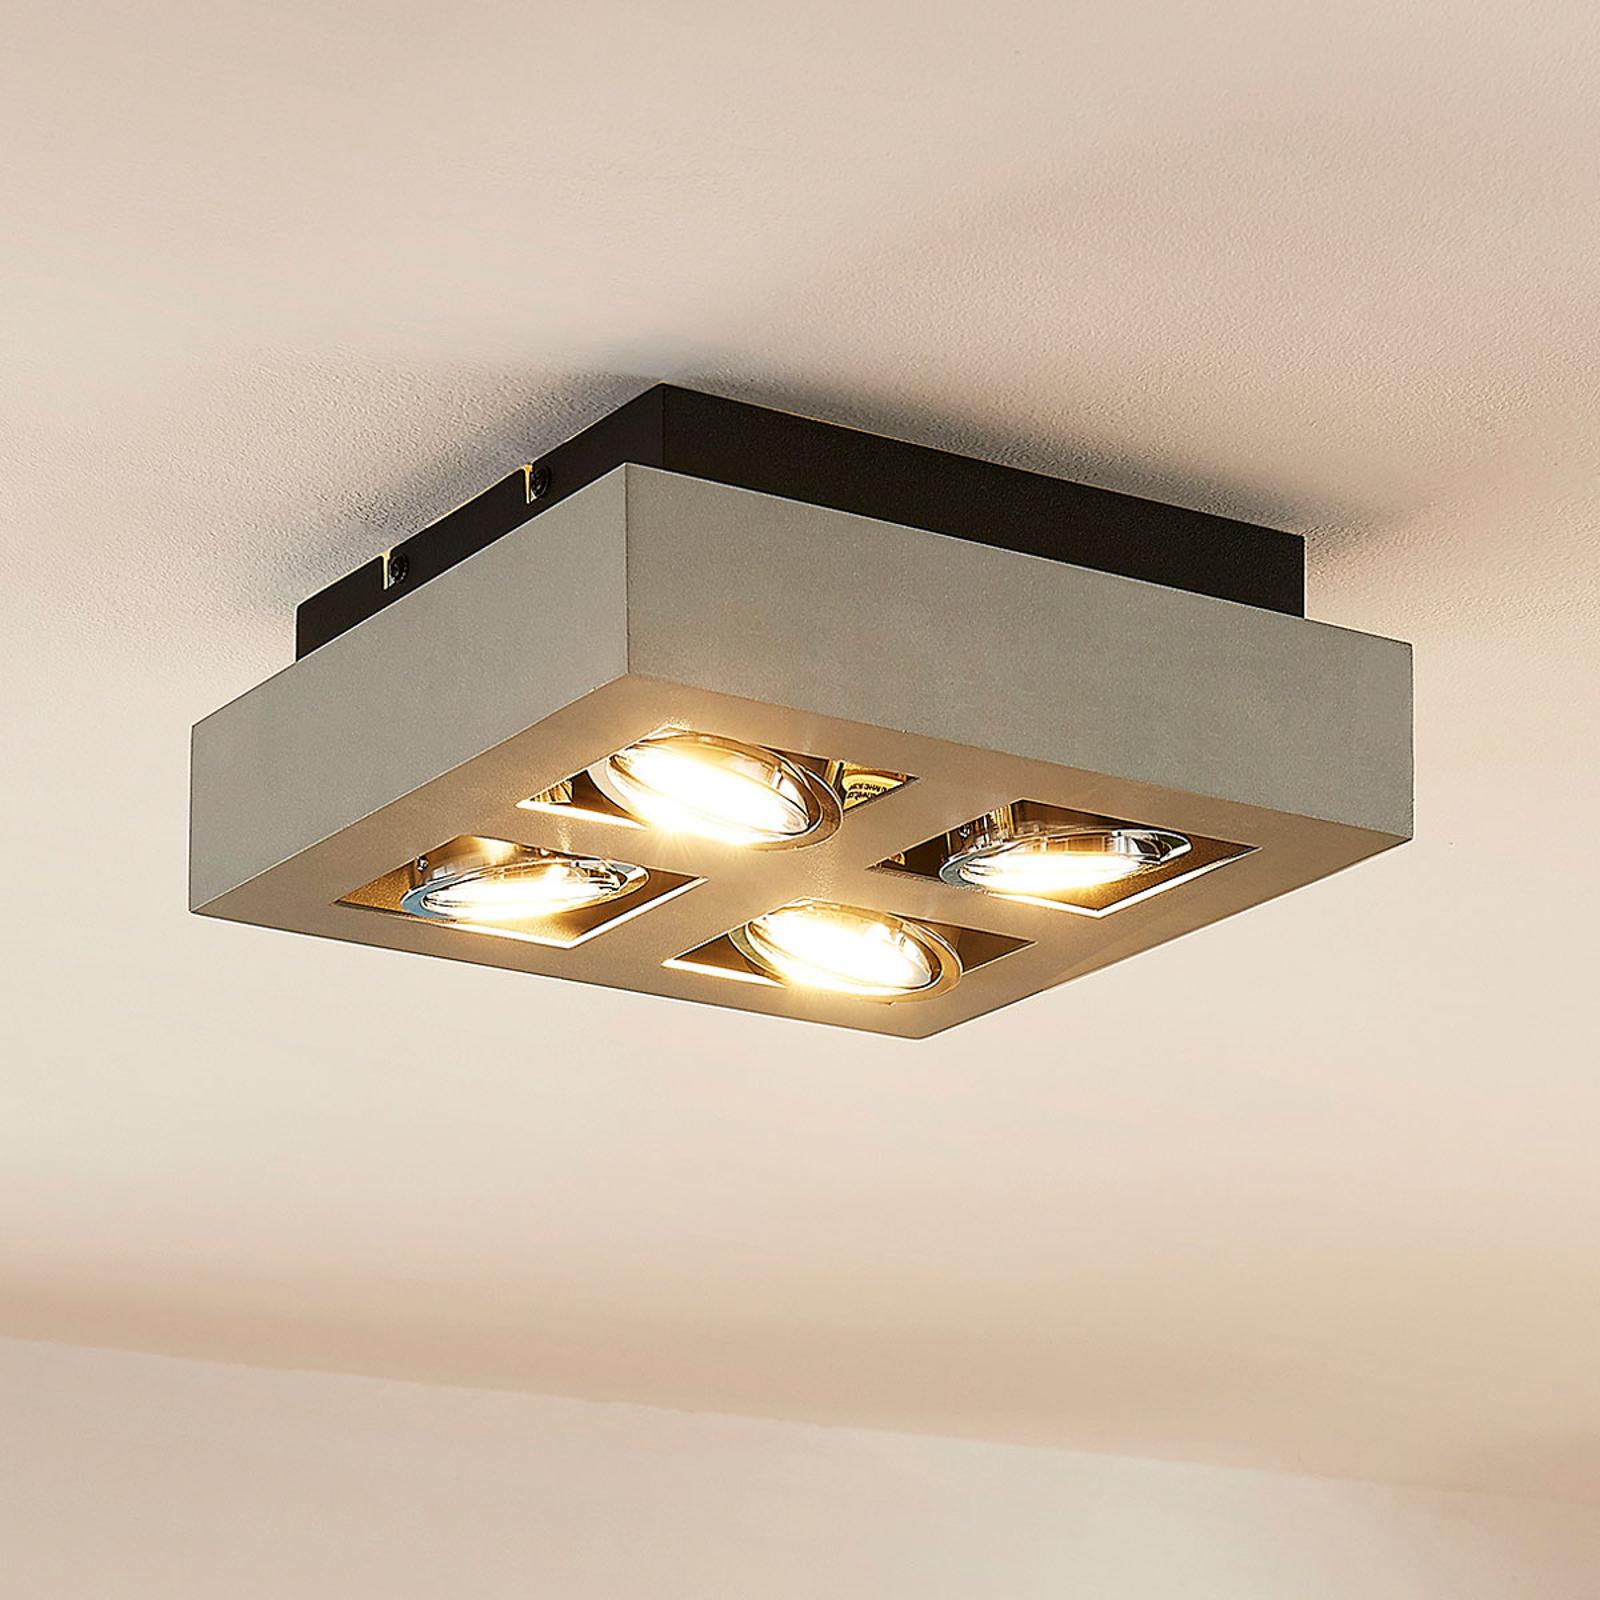 GU10-Strahler Vince mit LED-Lampen